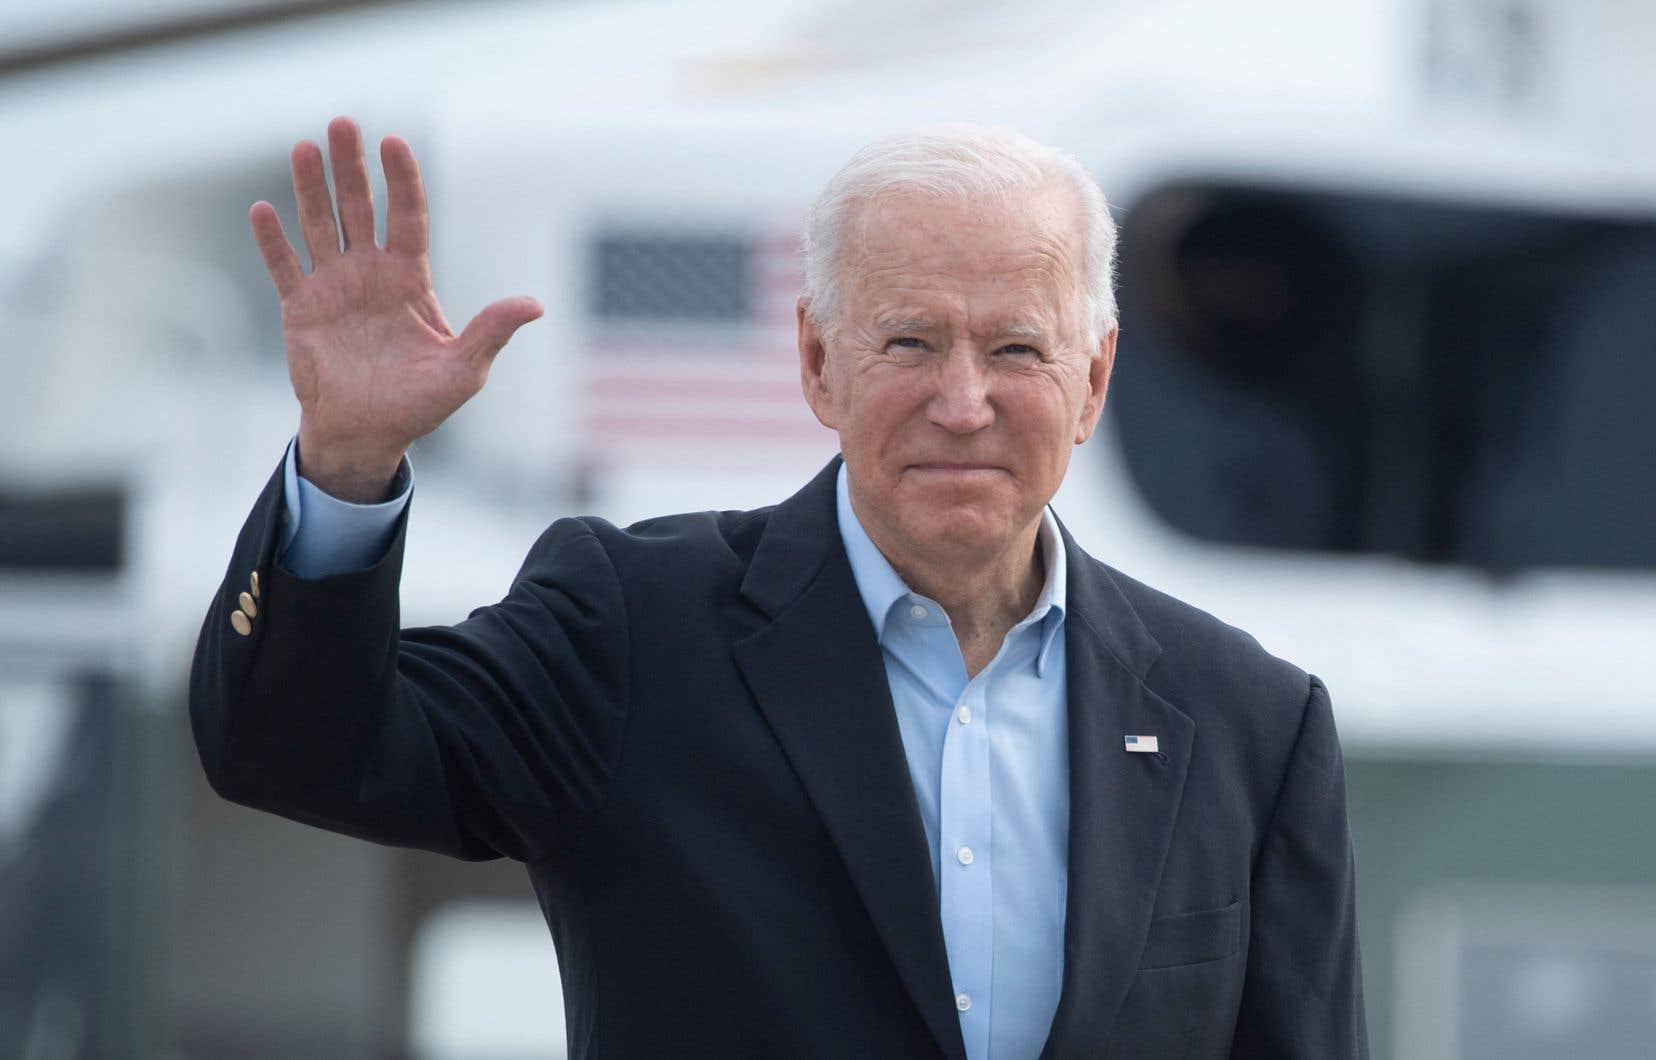 L'arrivée de Joe Biden à la Maison-Blanche a aidé les États-Unis à redorer leur blason sur la scène internationale, selon un sondage mené dans 16 pays.